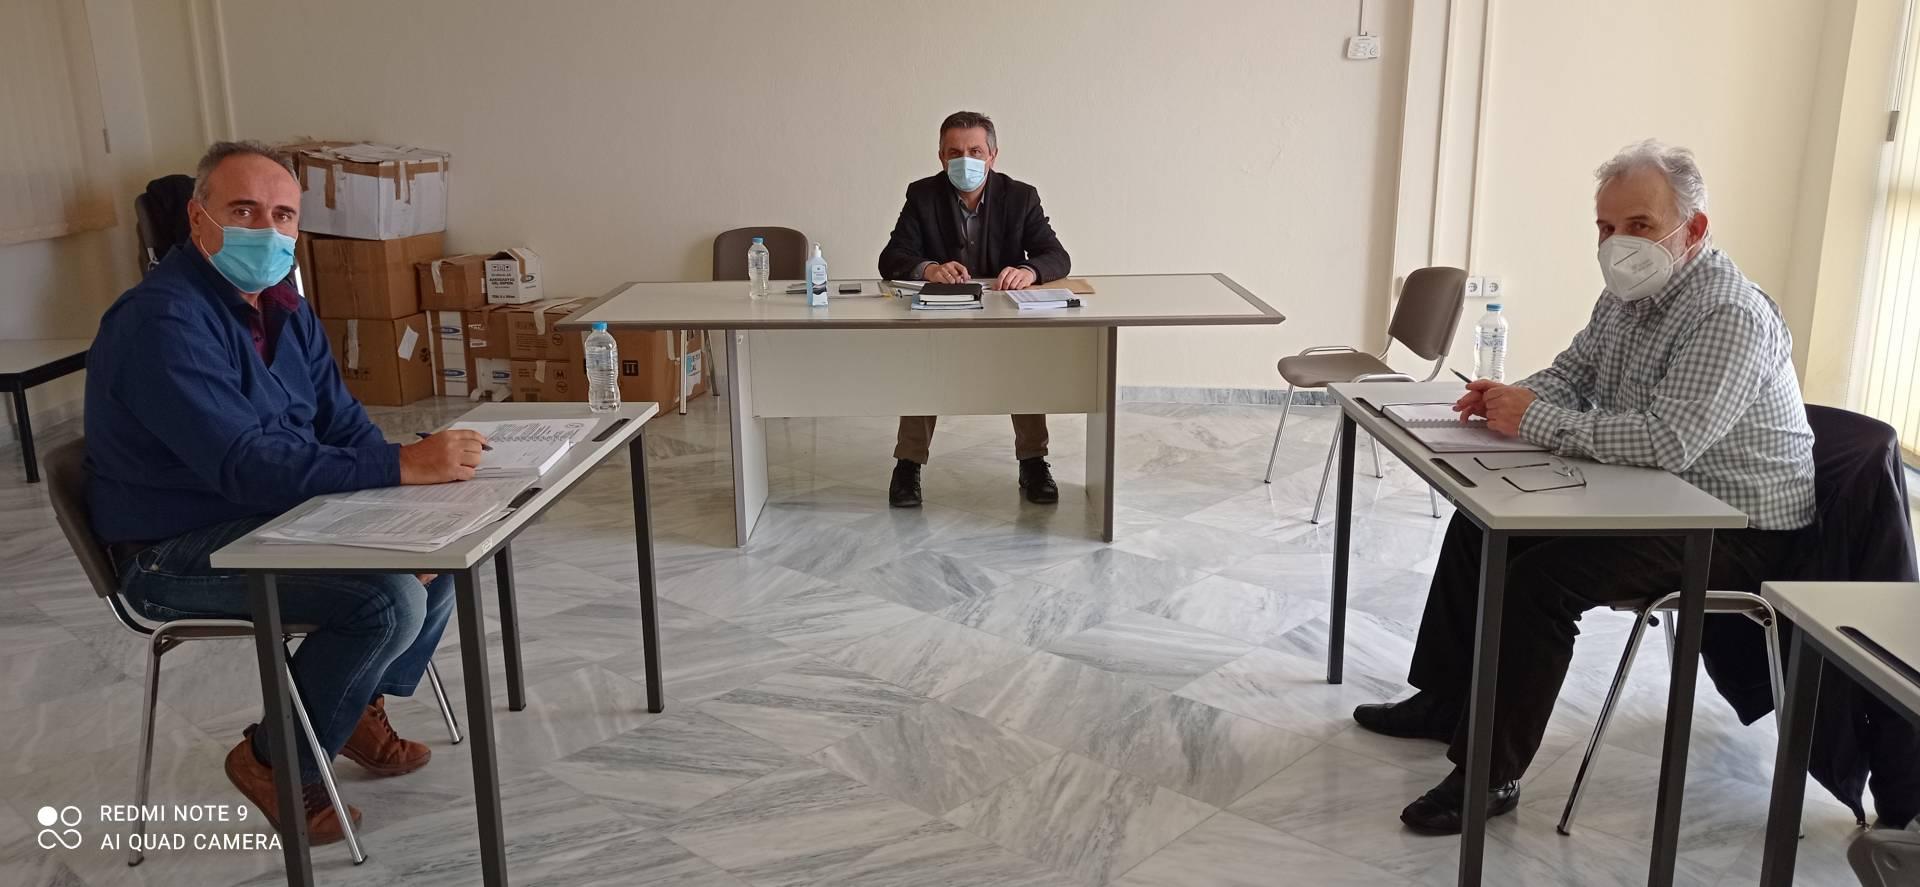 Ενημερωτική συνάντηση του Εργατικό Κέντρο Νομού Κοζάνης με τον Περιφερειάρχη Γ. Κασαπίδη